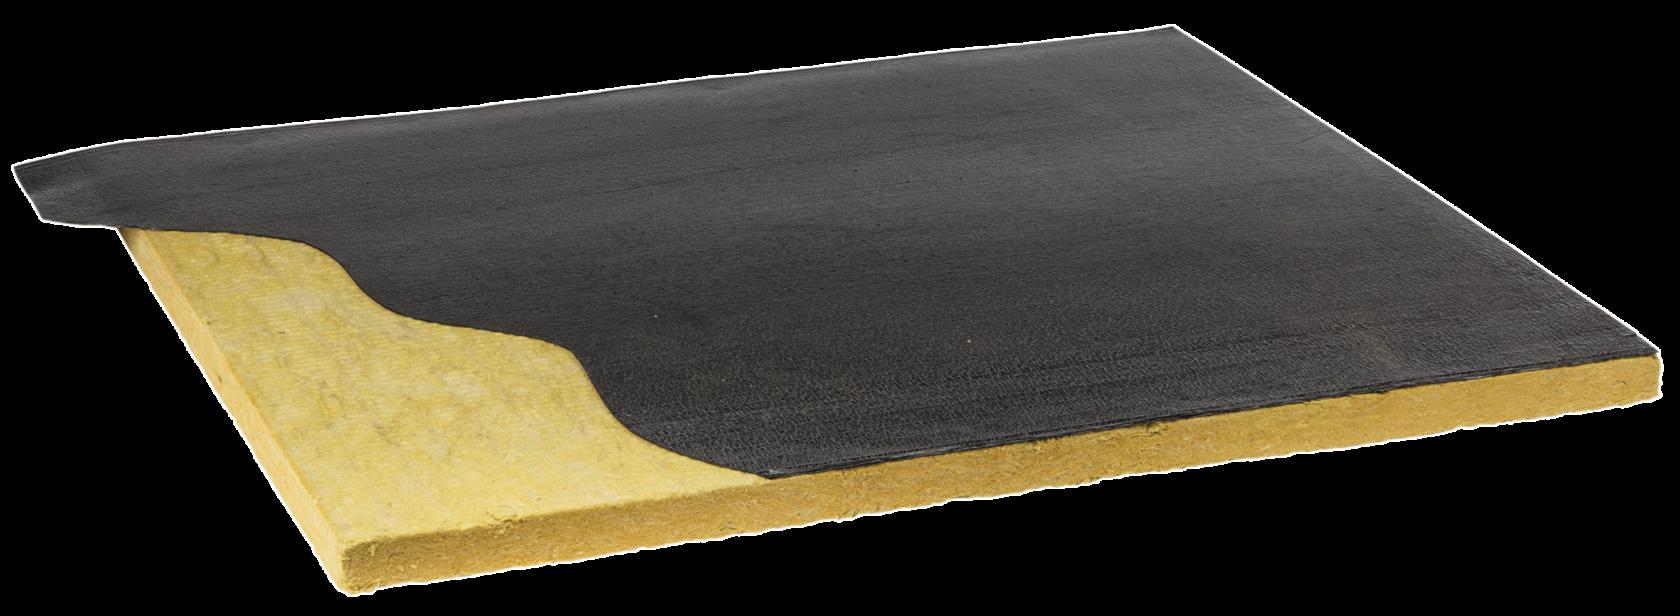 Pannello in lana di roccia bitumata fonoassorbente per coperture e coibentazione tetto Fopan RW nuova fopan